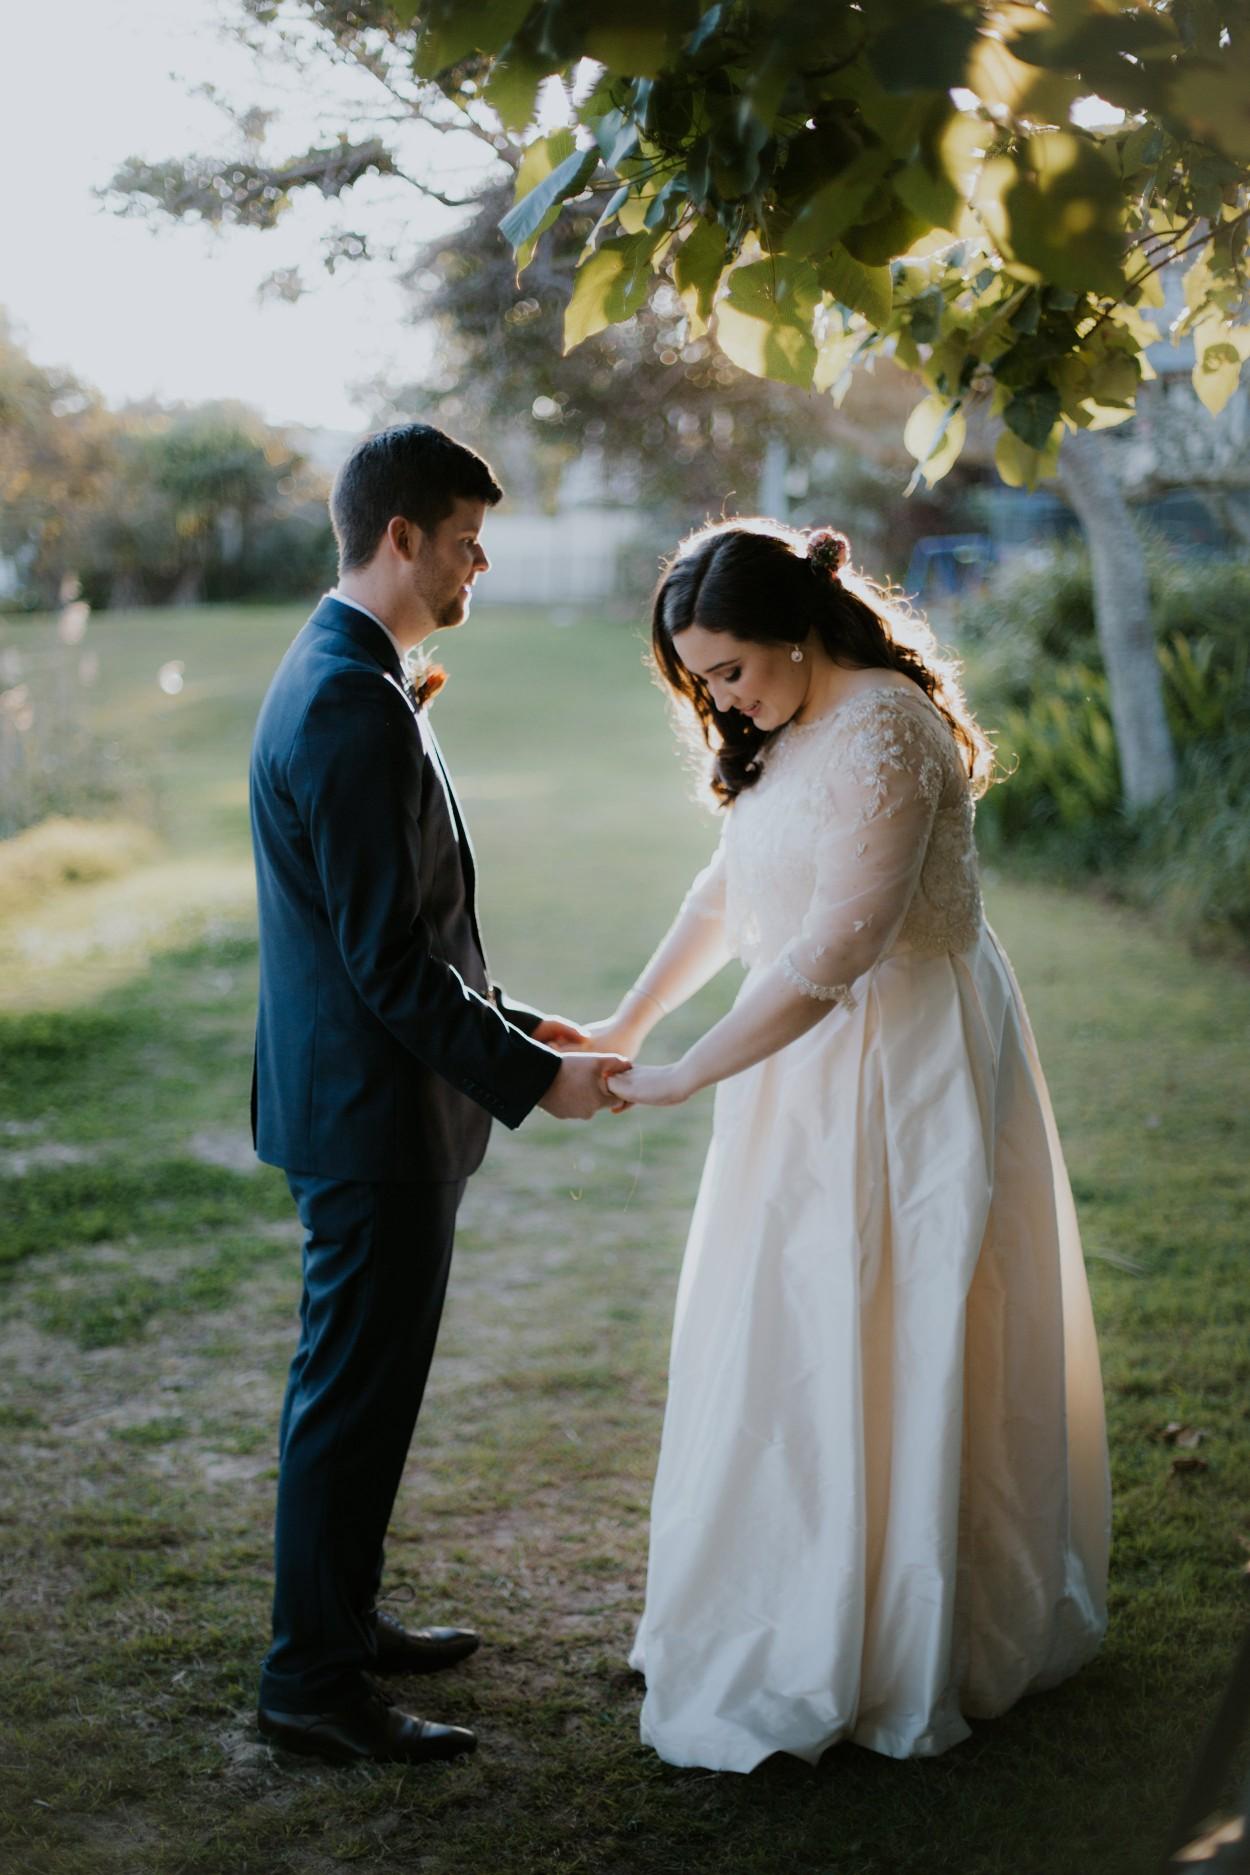 I-Got-You-Babe-&-Co.-Wedding-Photographers-Jazza008.jpg